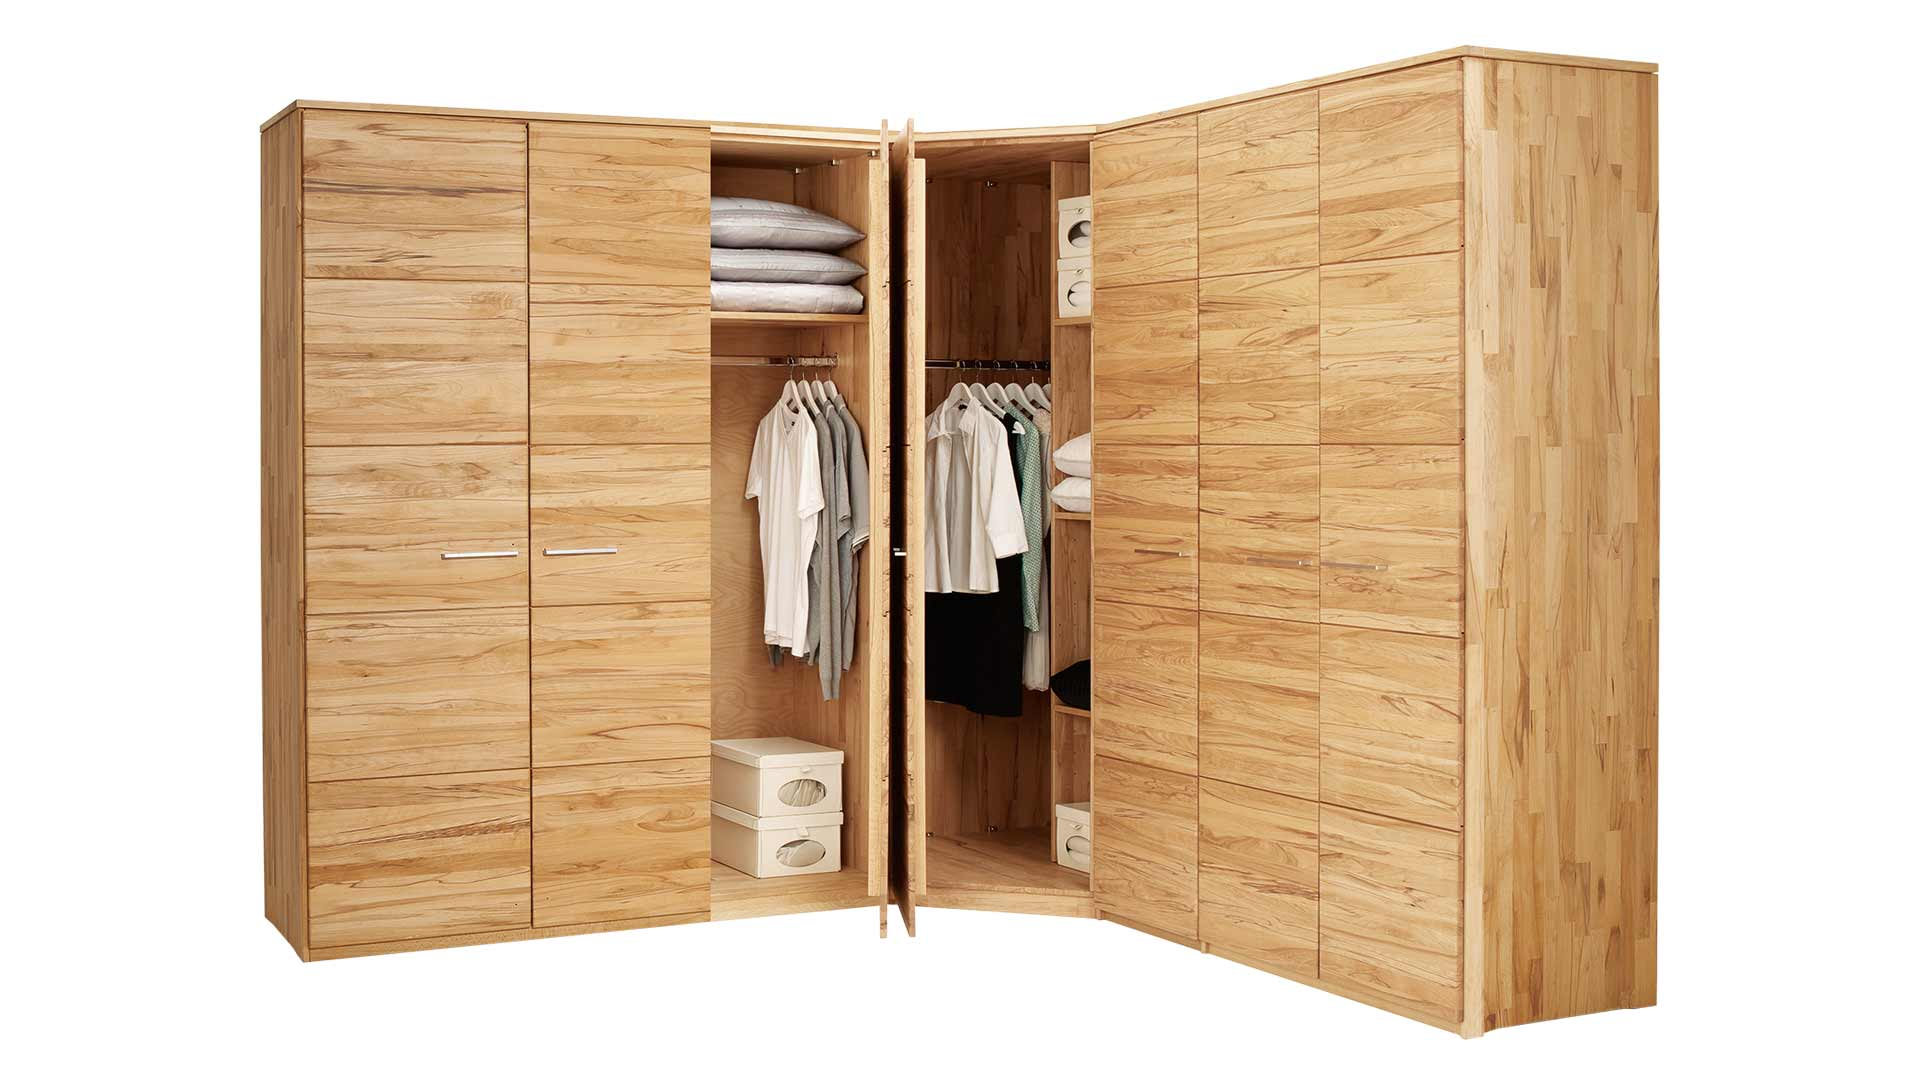 Innenarchitektur Ranking schlafzimmer schranksystem haus design möbel ideen und innenarchitektur